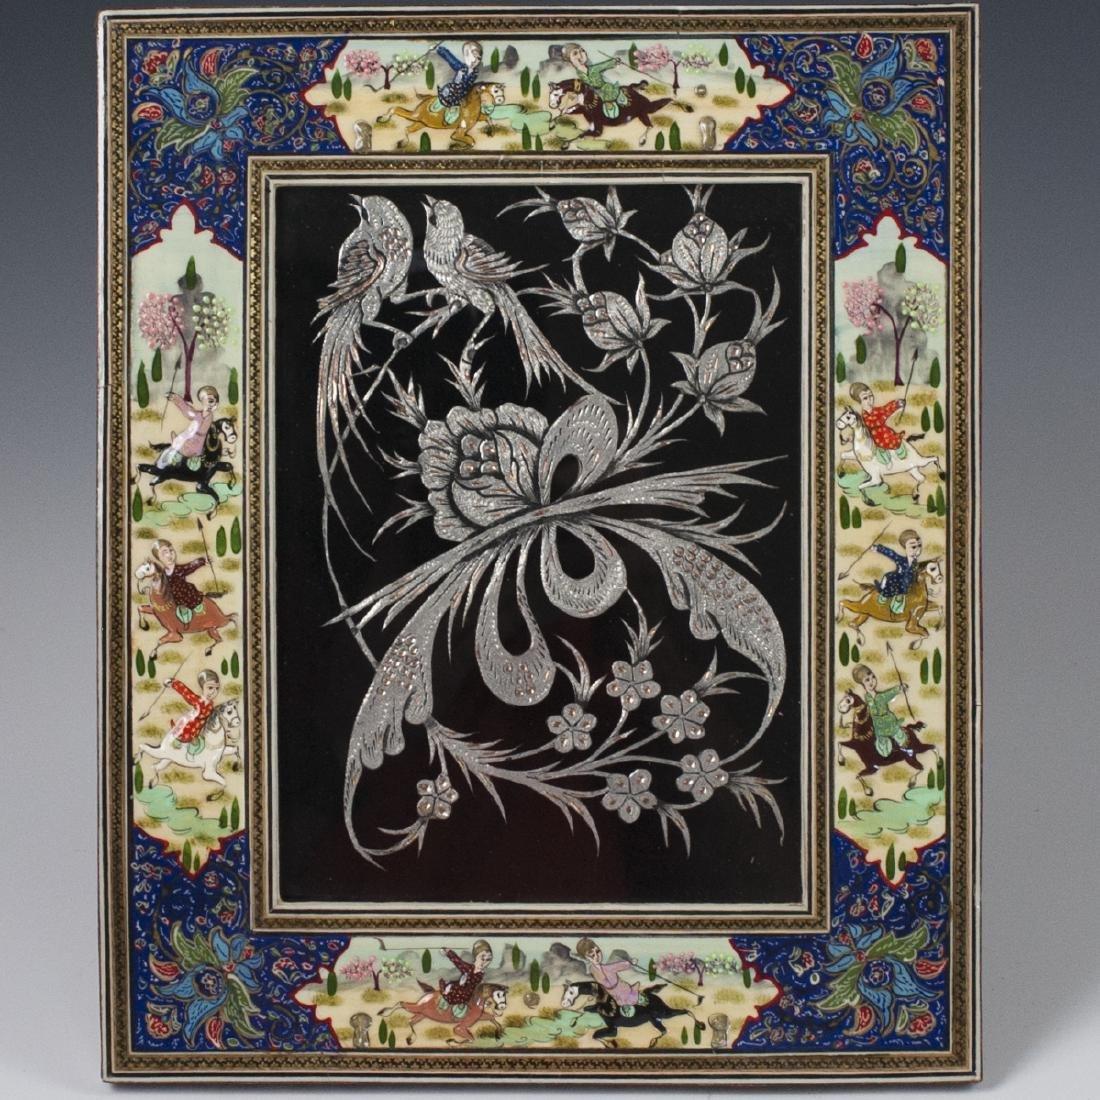 Persian Lacquered Khatam Frame Art